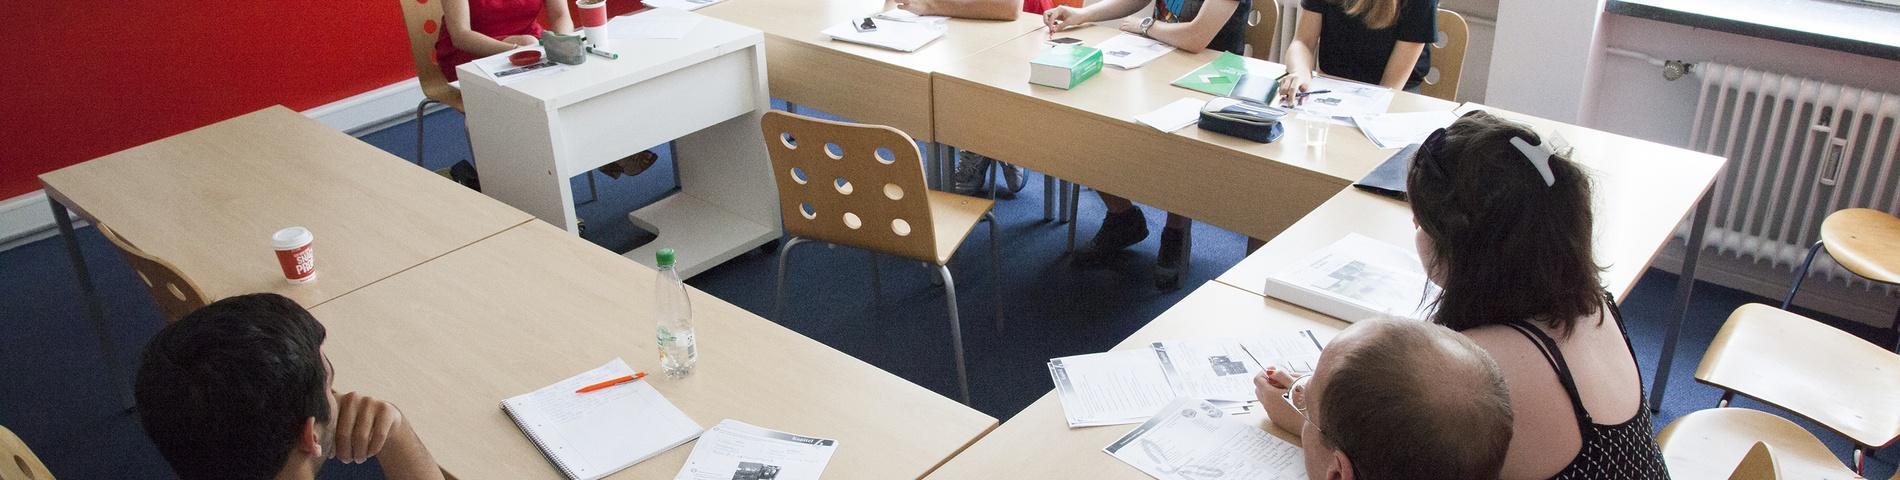 Imagen 1 de la escuela Berlin Sprachschule